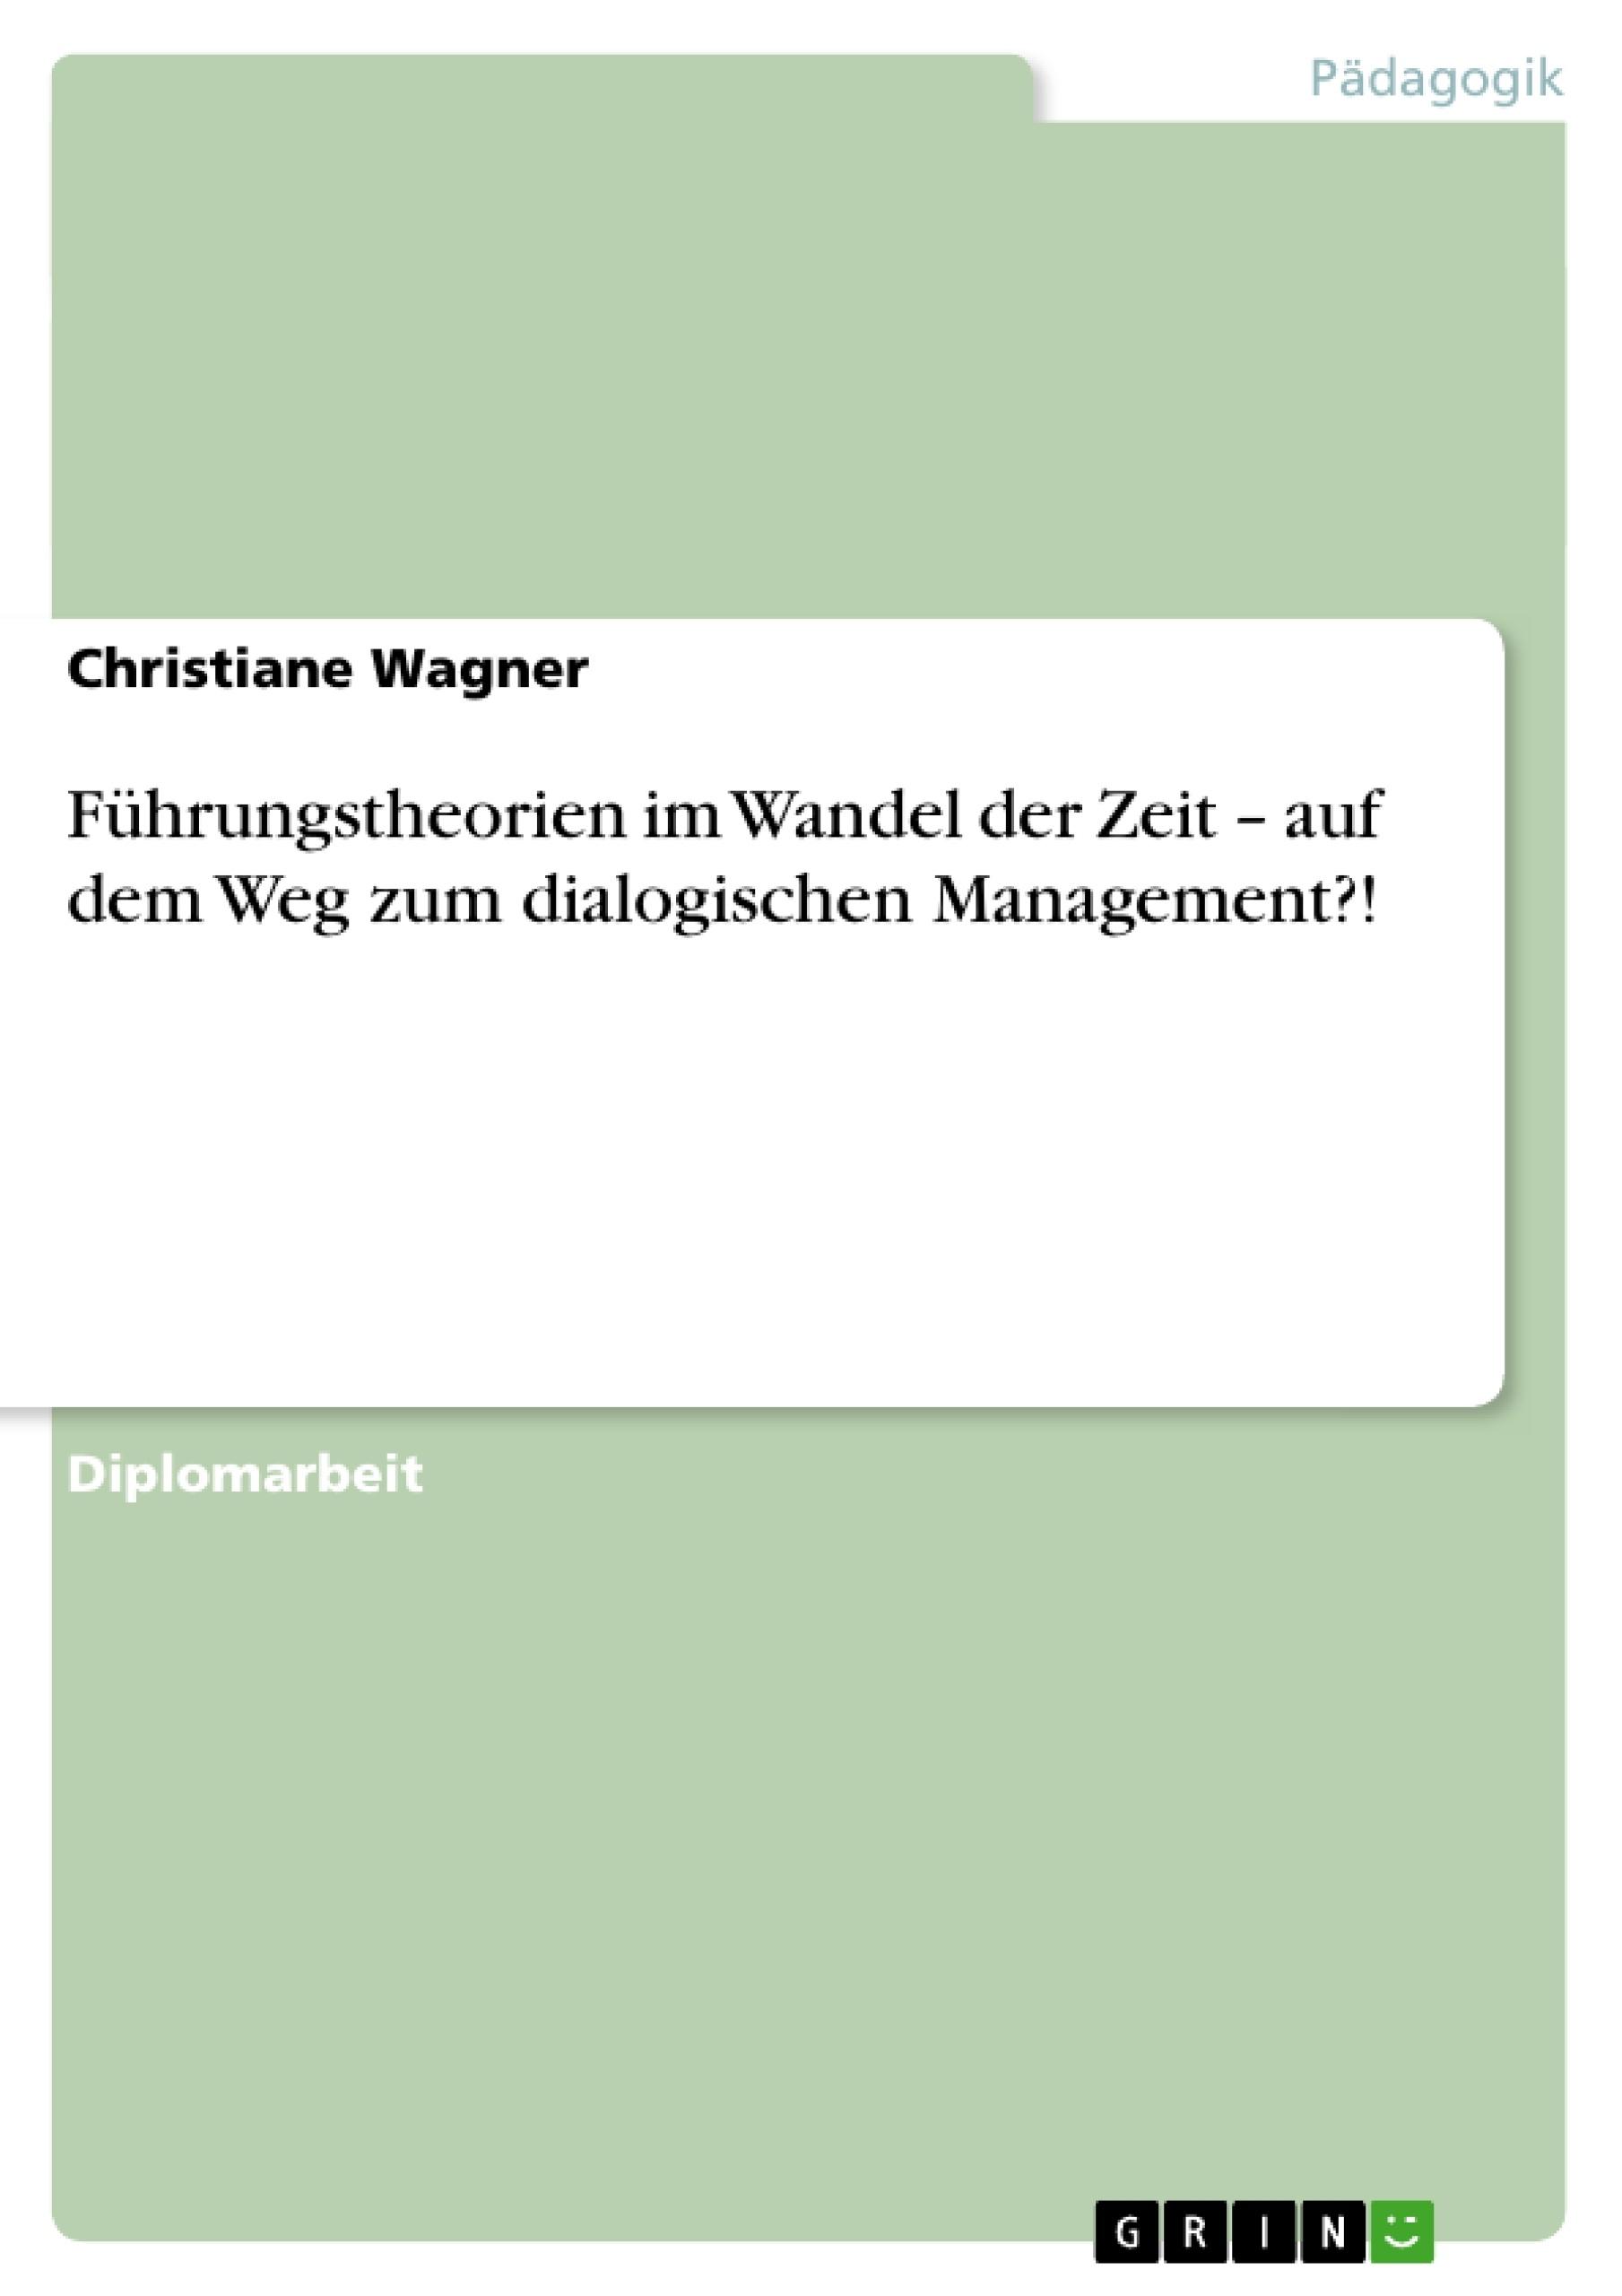 Titel: Führungstheorien im Wandel der Zeit – auf dem Weg zum dialogischen Management?!